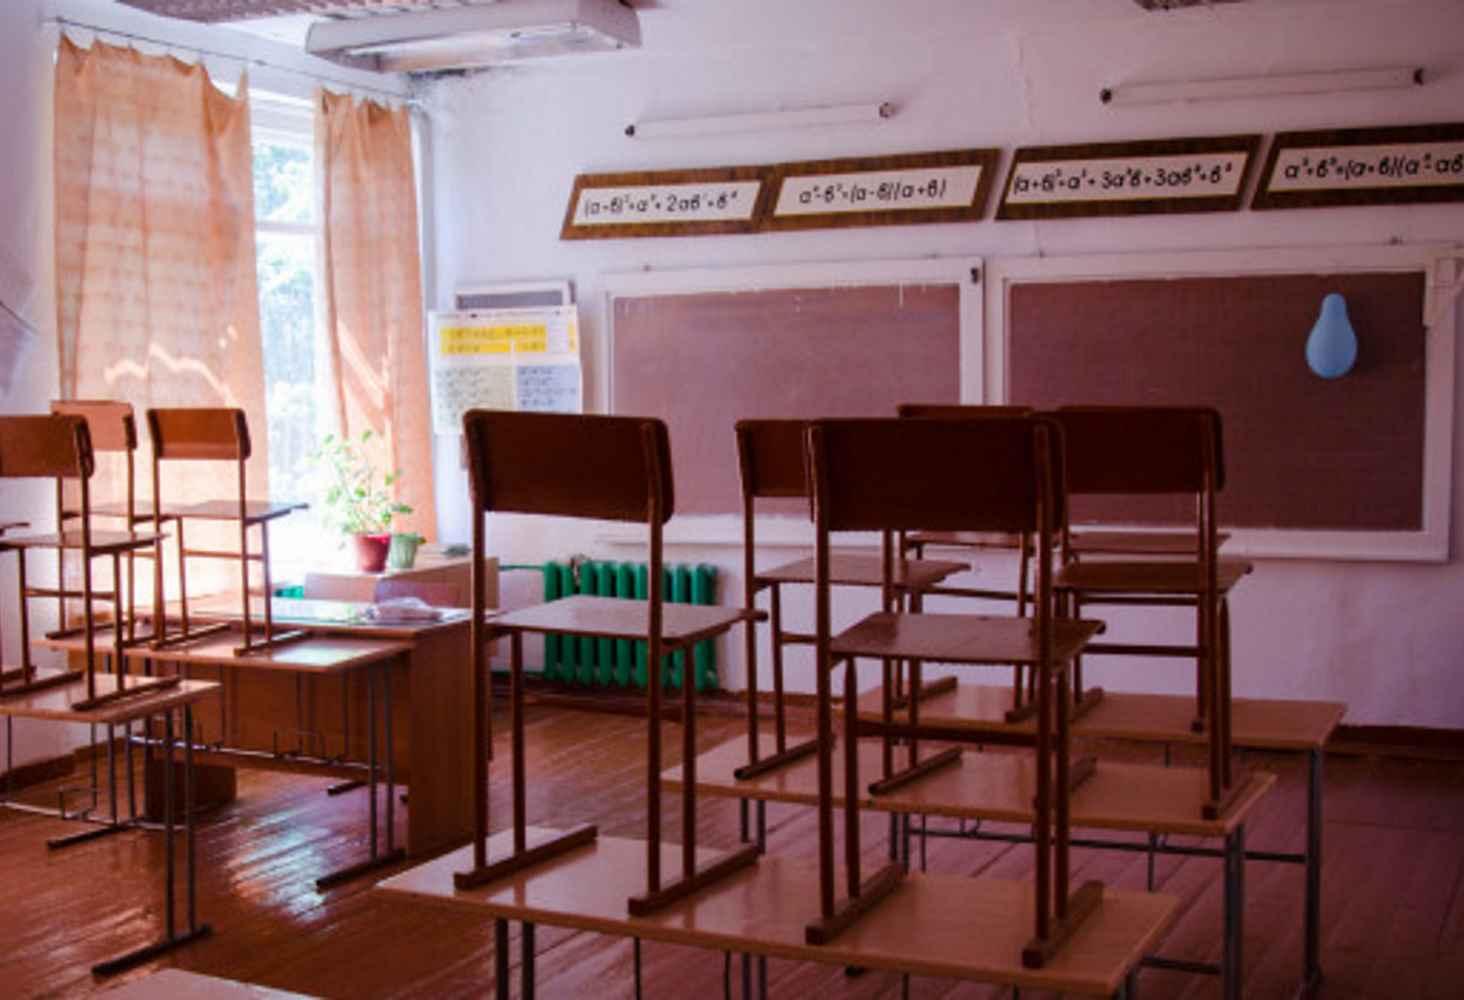 zhiteli-sela-v-altajskom-krae-boryutsya-v-sude-s-vlastyami-za-mestnuyu-shkolu